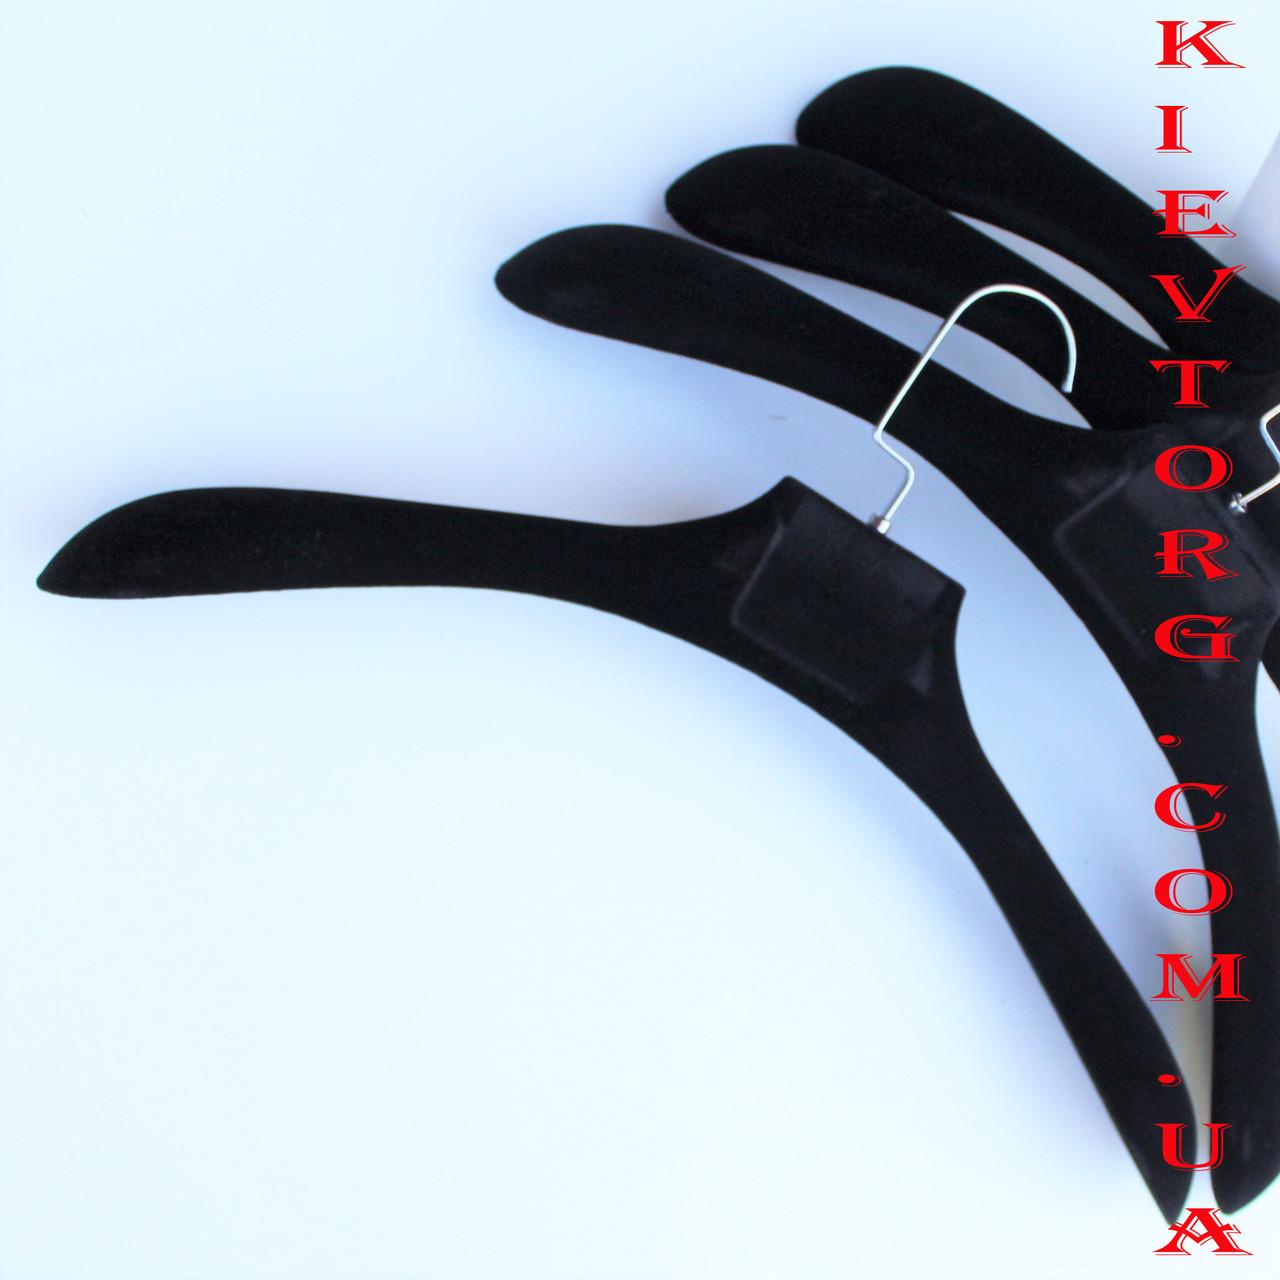 Бархатные плечики вешалки тремпеля для верхней одежды, пиджаков (флокированные, велюровые) черные, 45 см